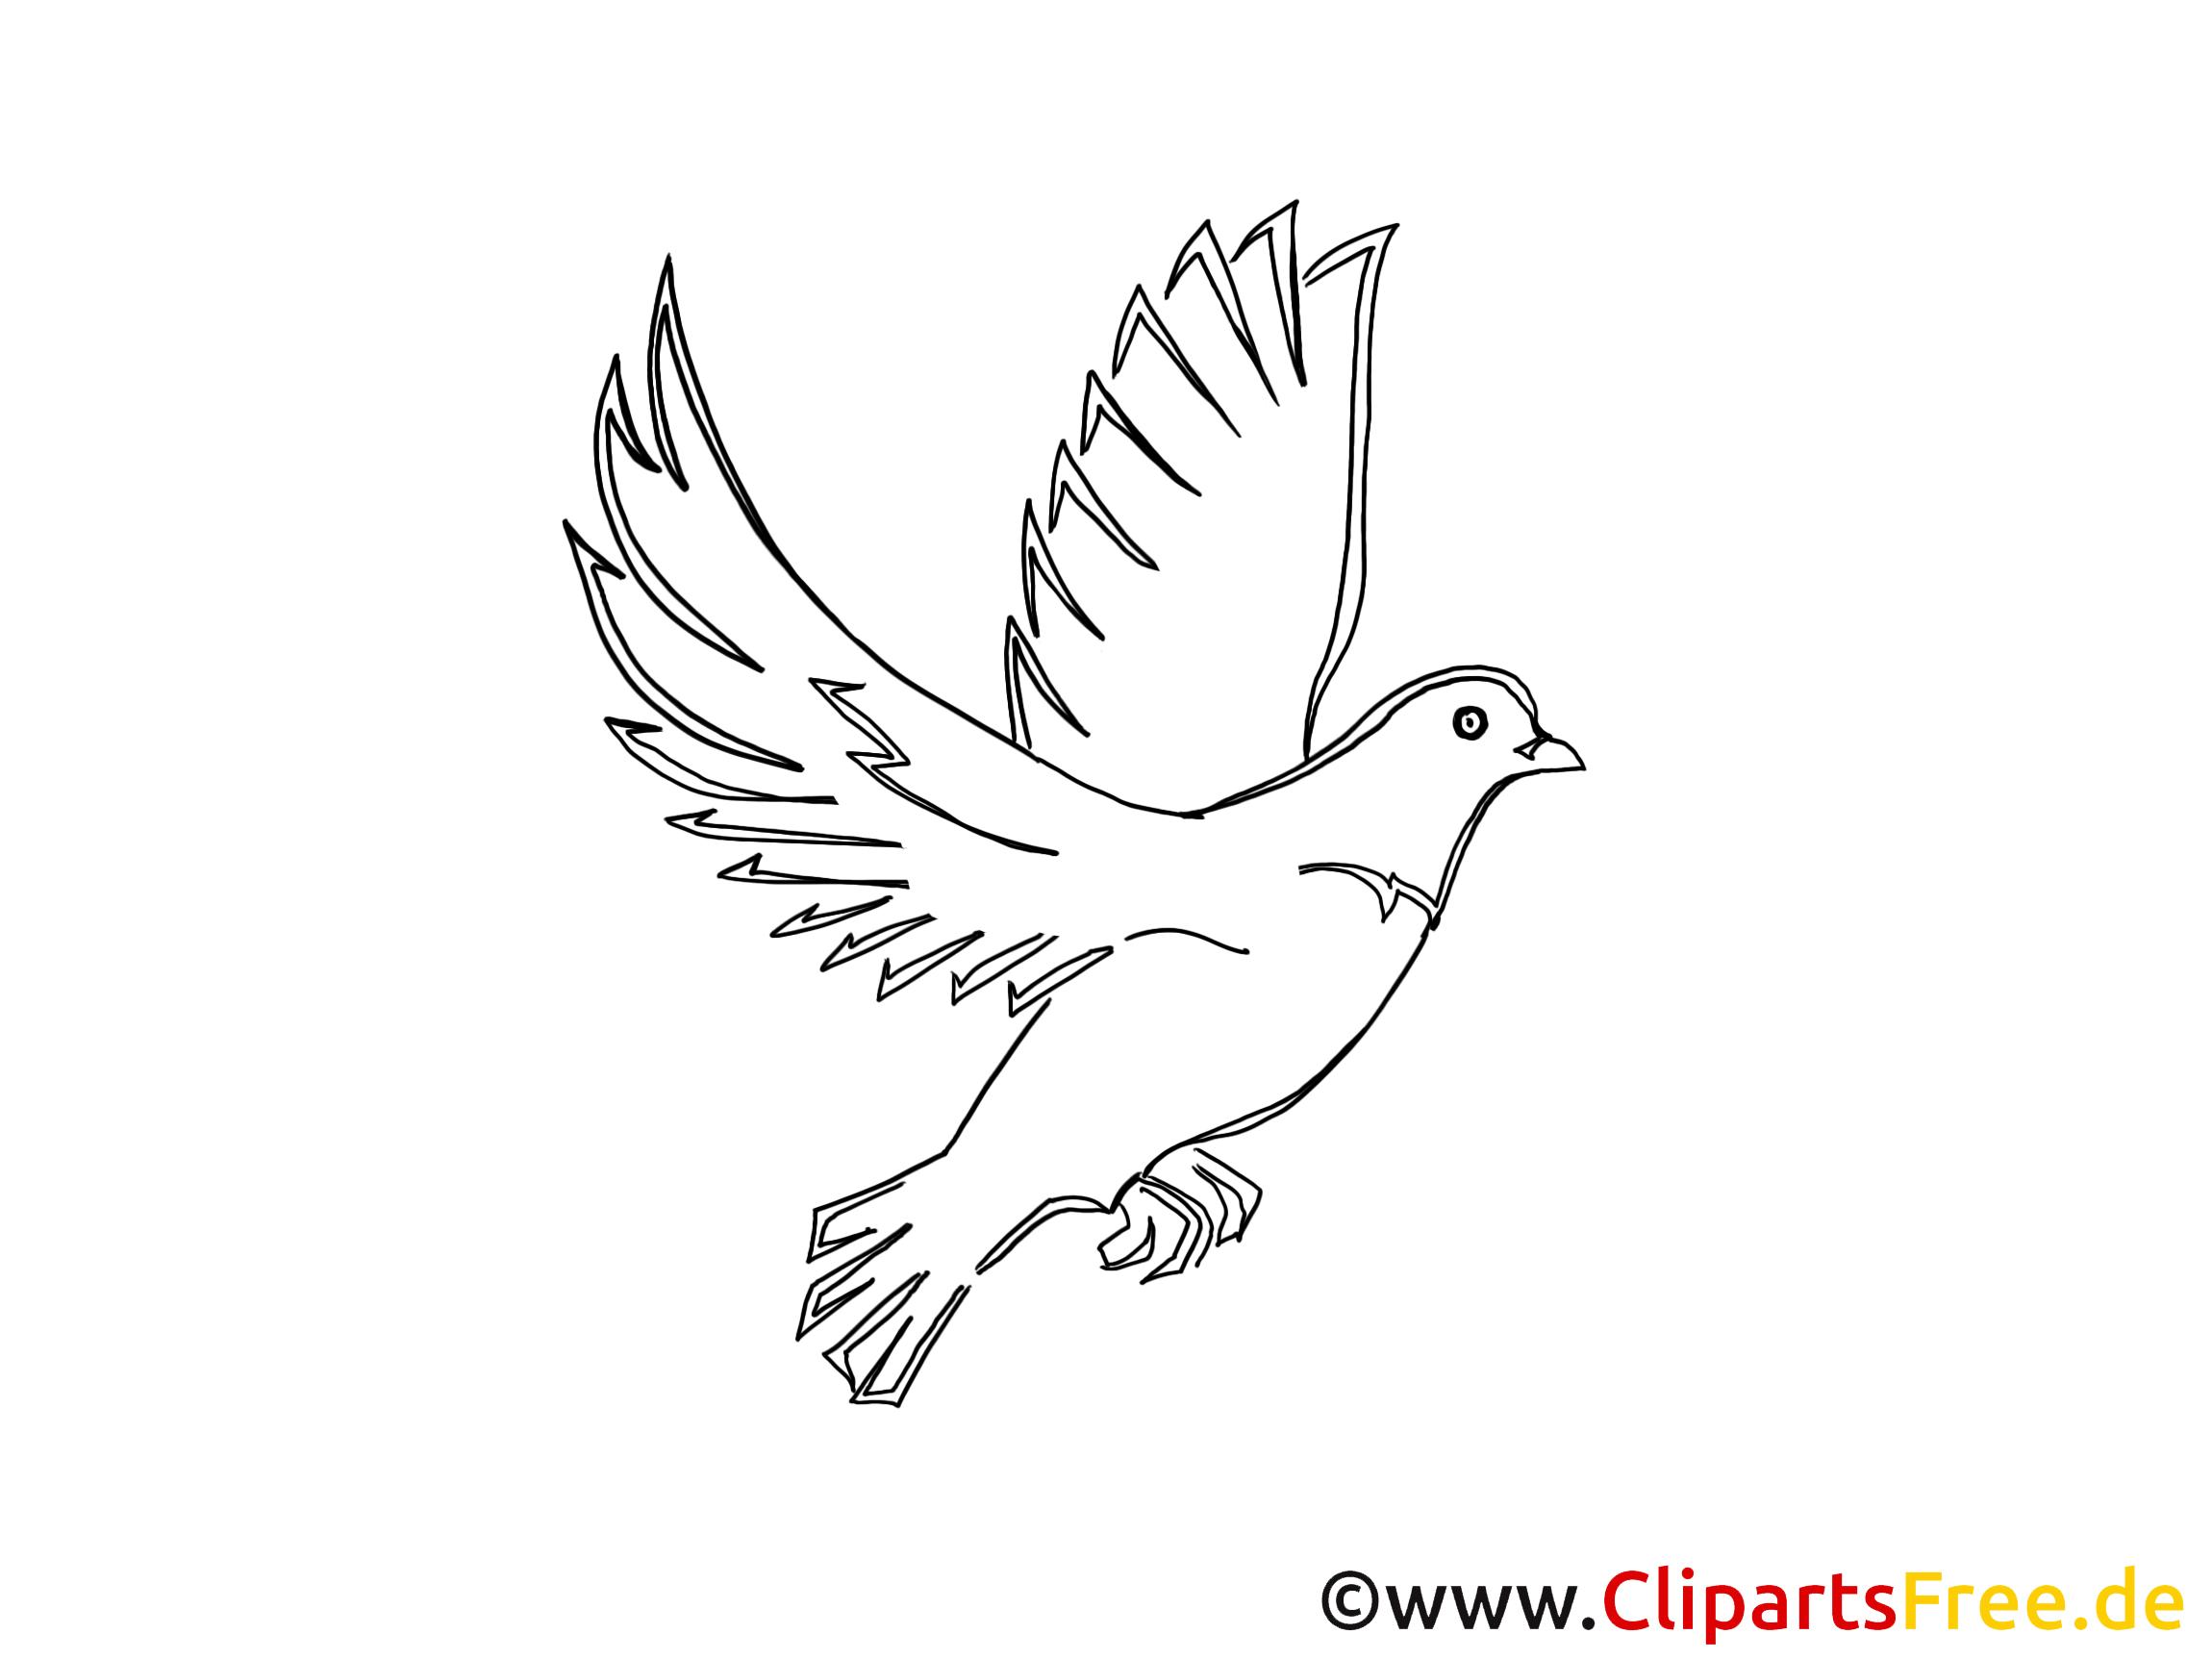 Pfingsten malvorlagen - Dessin de colombe a imprimer ...